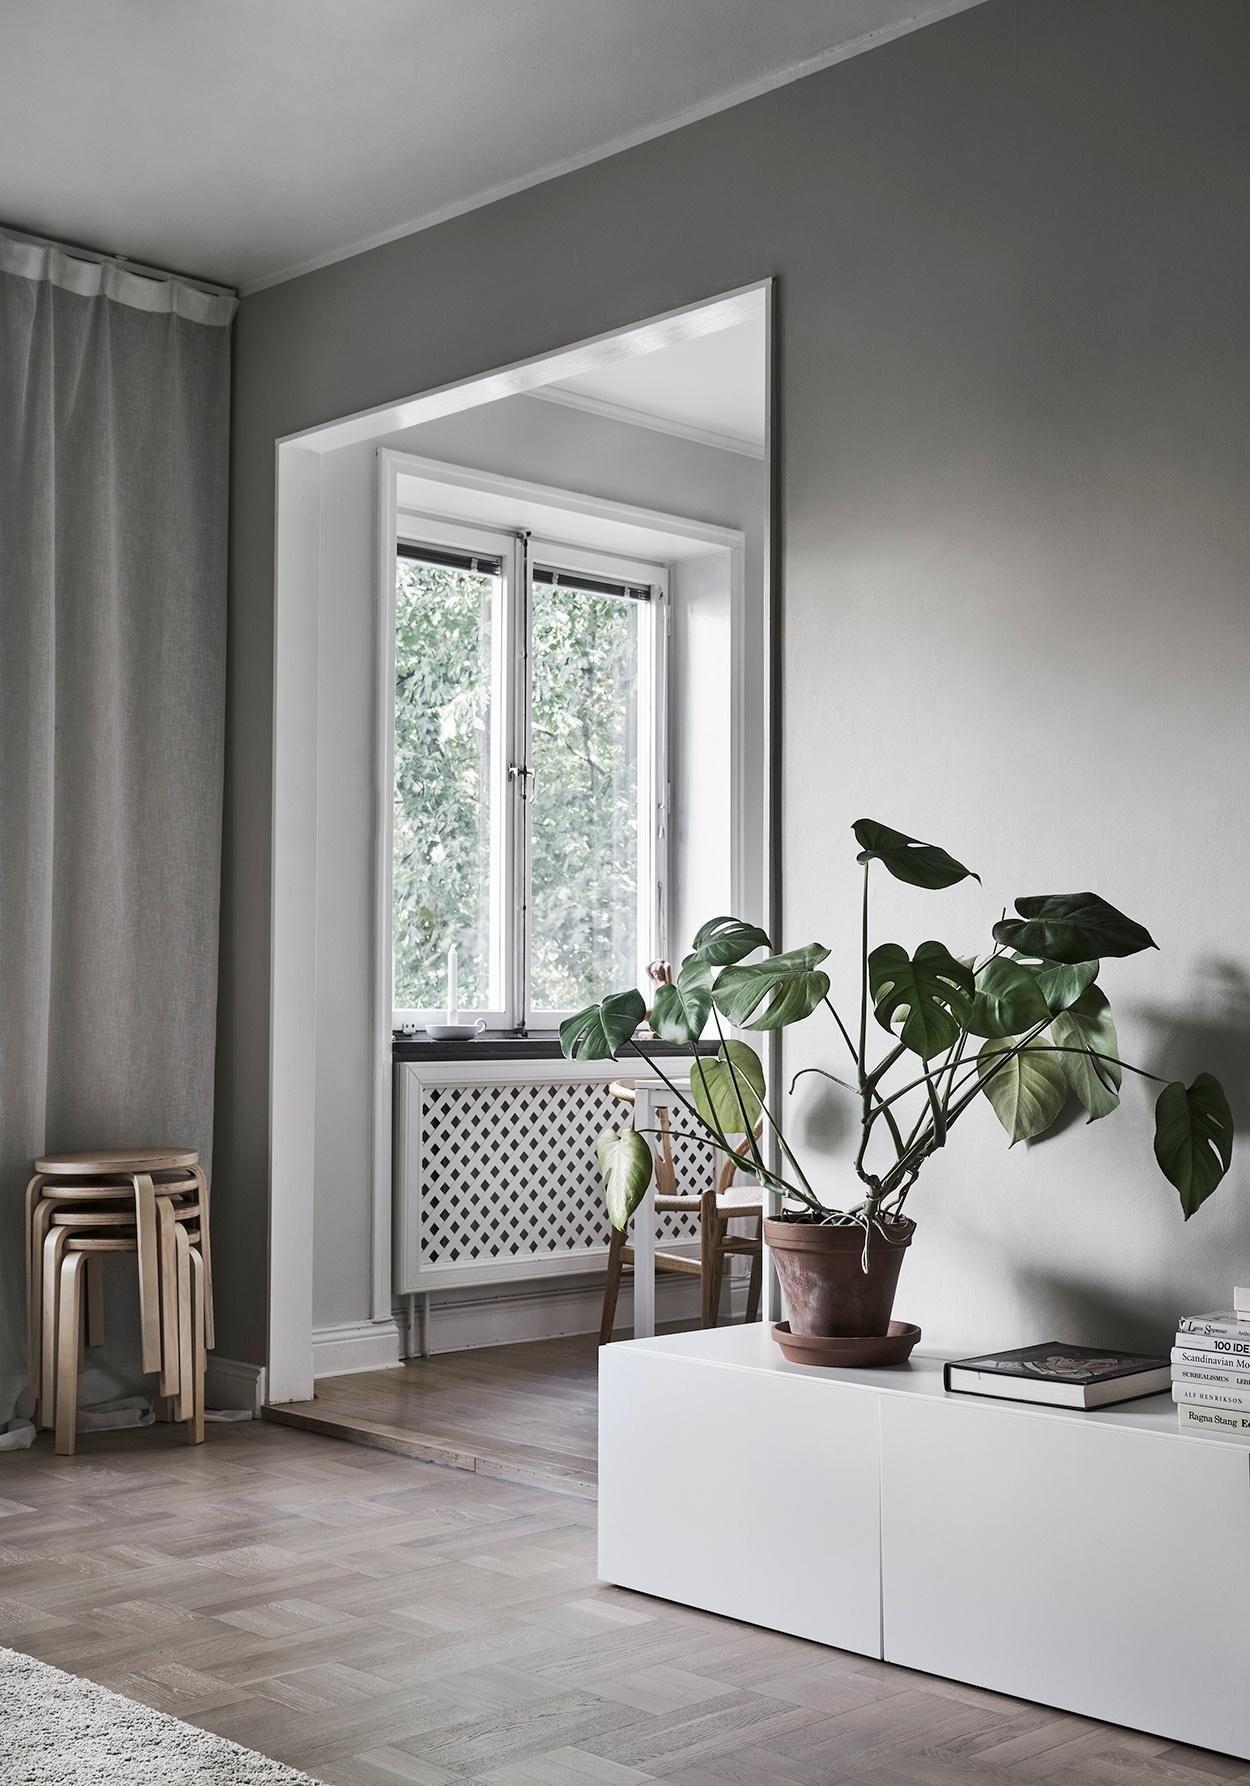 IKEA BESTA SIDEBOARD MIT PFLANZE I HELLGRAUE WÄNDE Wandfarbe, Einrichten  Und Wohnen, Hellgraue Wände